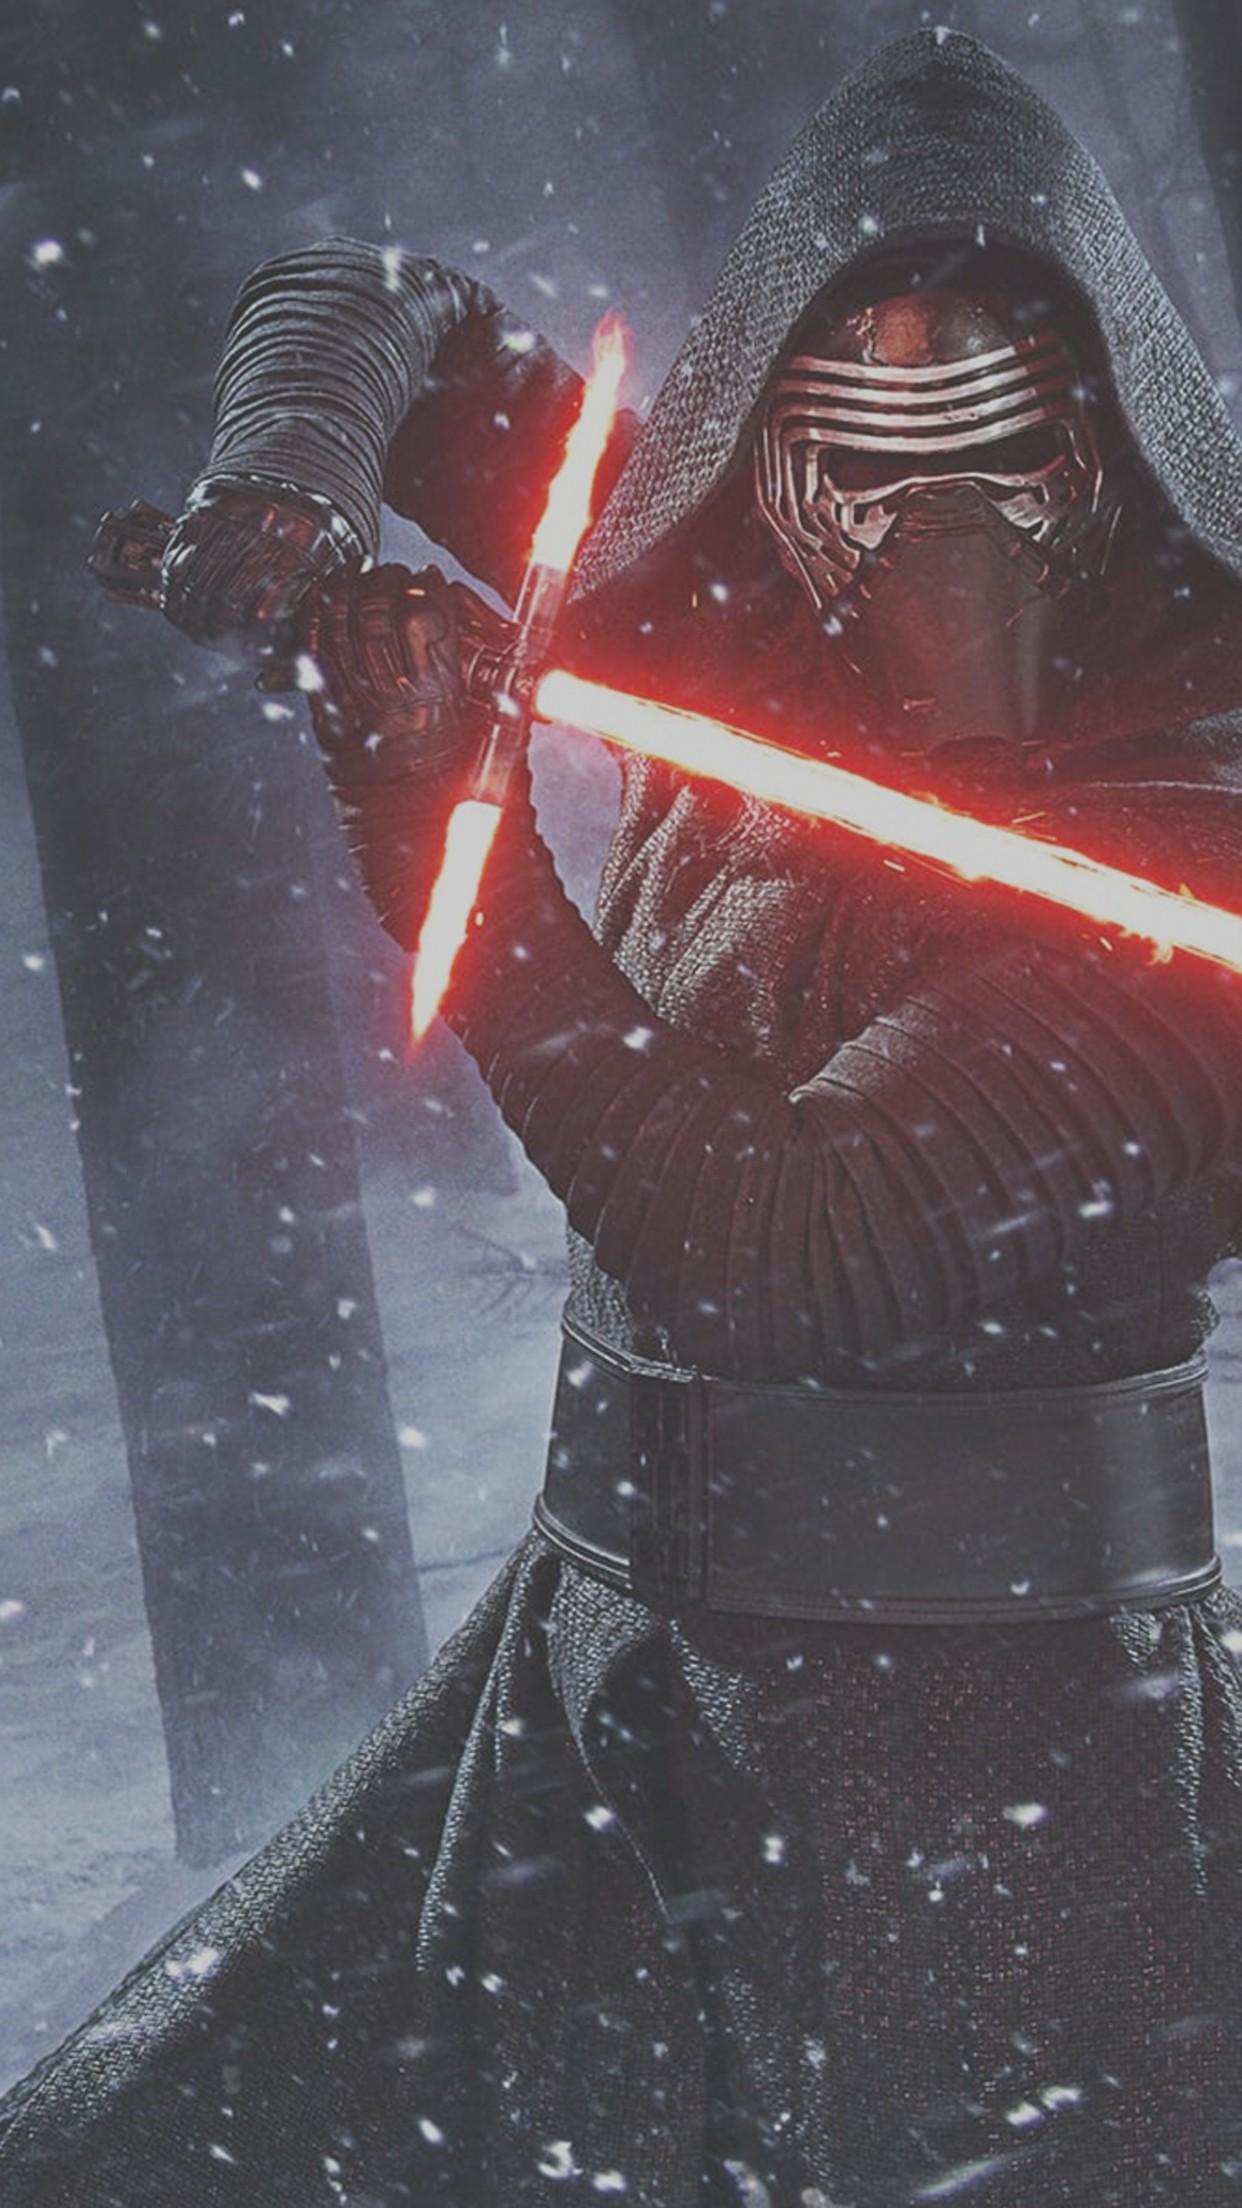 … Star Wars Iphone Wallpaper Star Wars The Force Awakens Kylo Ren  Lightsaber Wallpaper iDeviceArt …